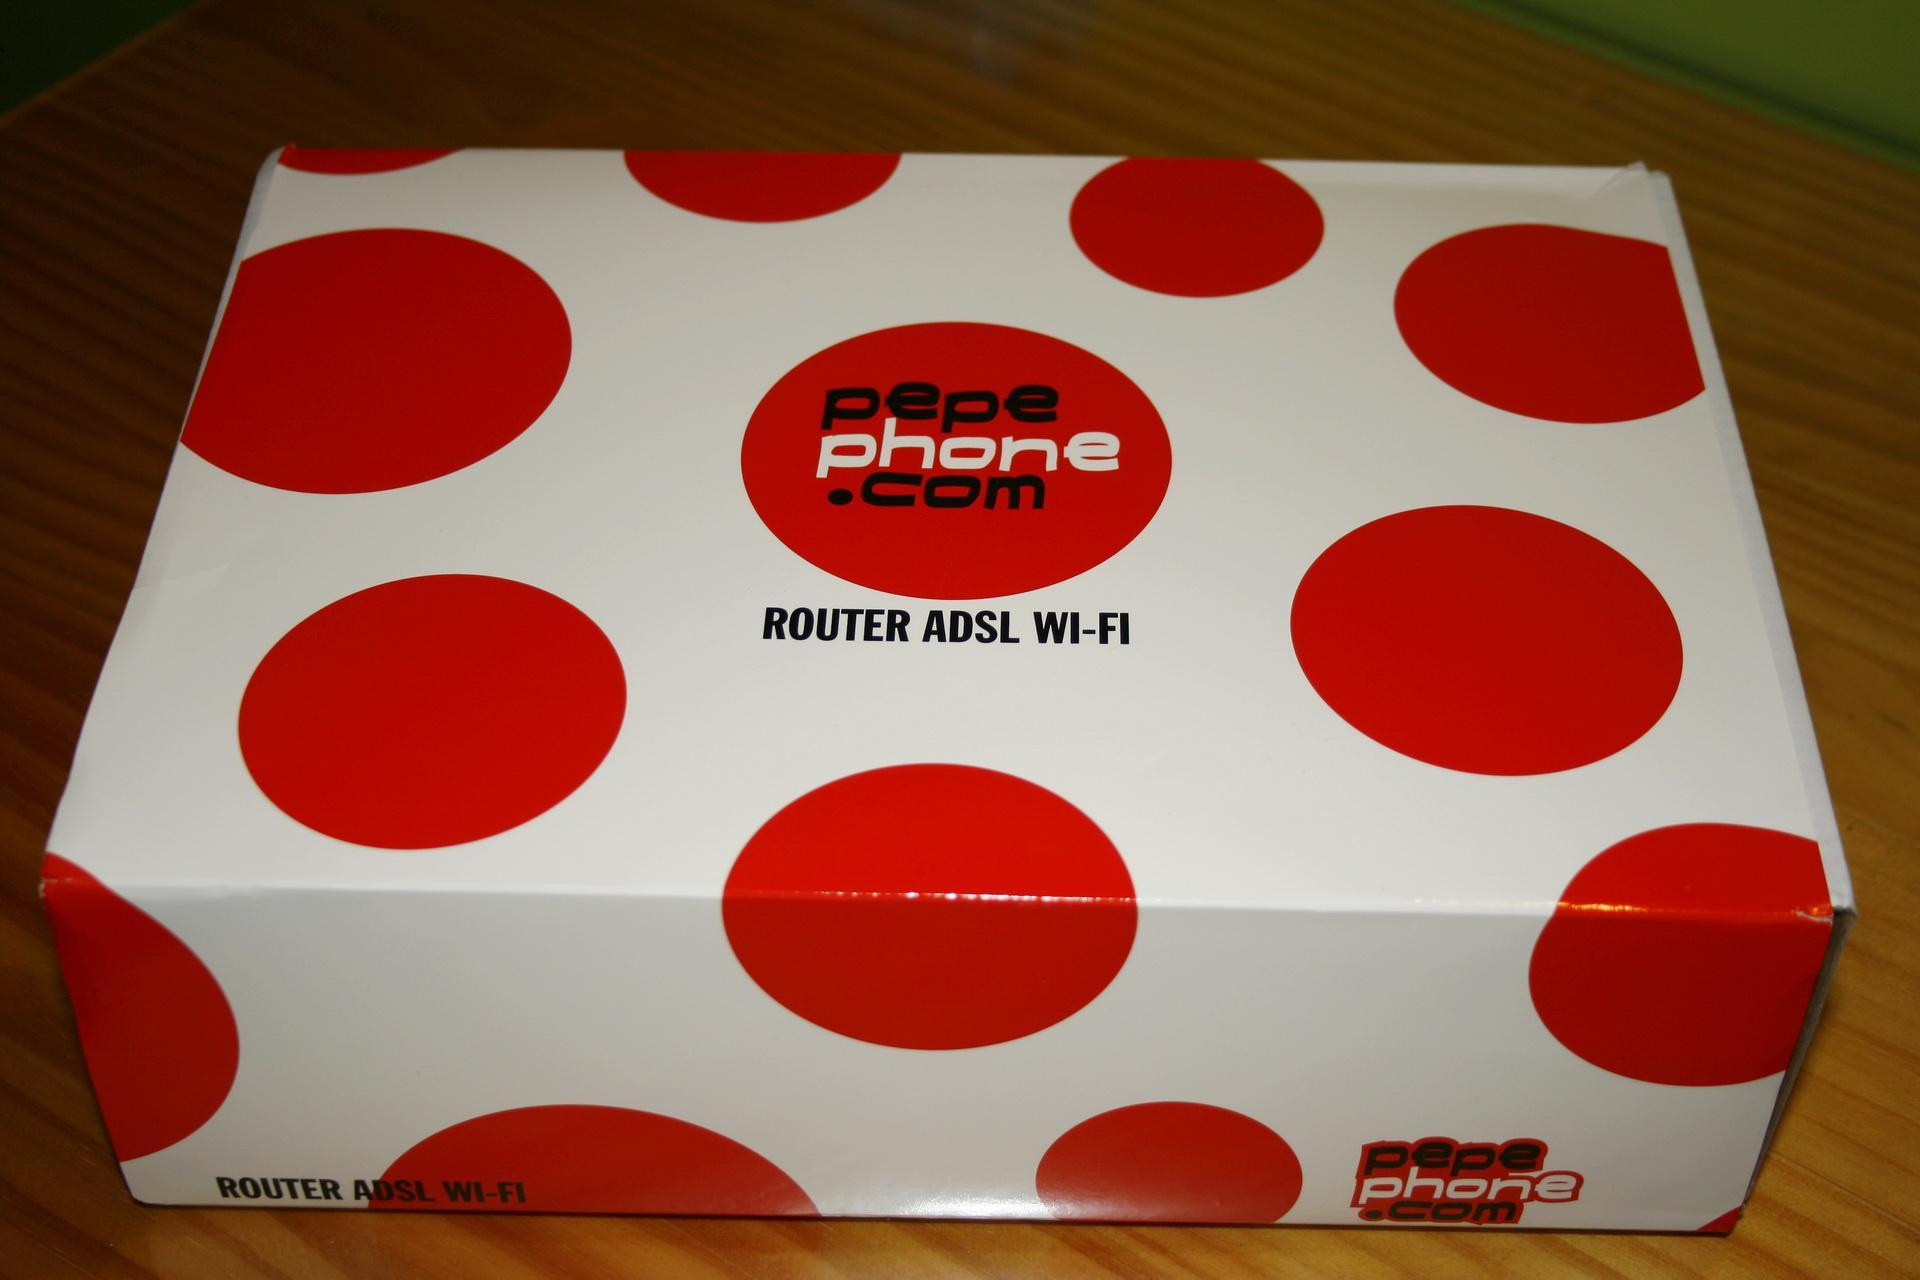 Vista superior de la caja del NuCom NU-GAN5 de Pepephone